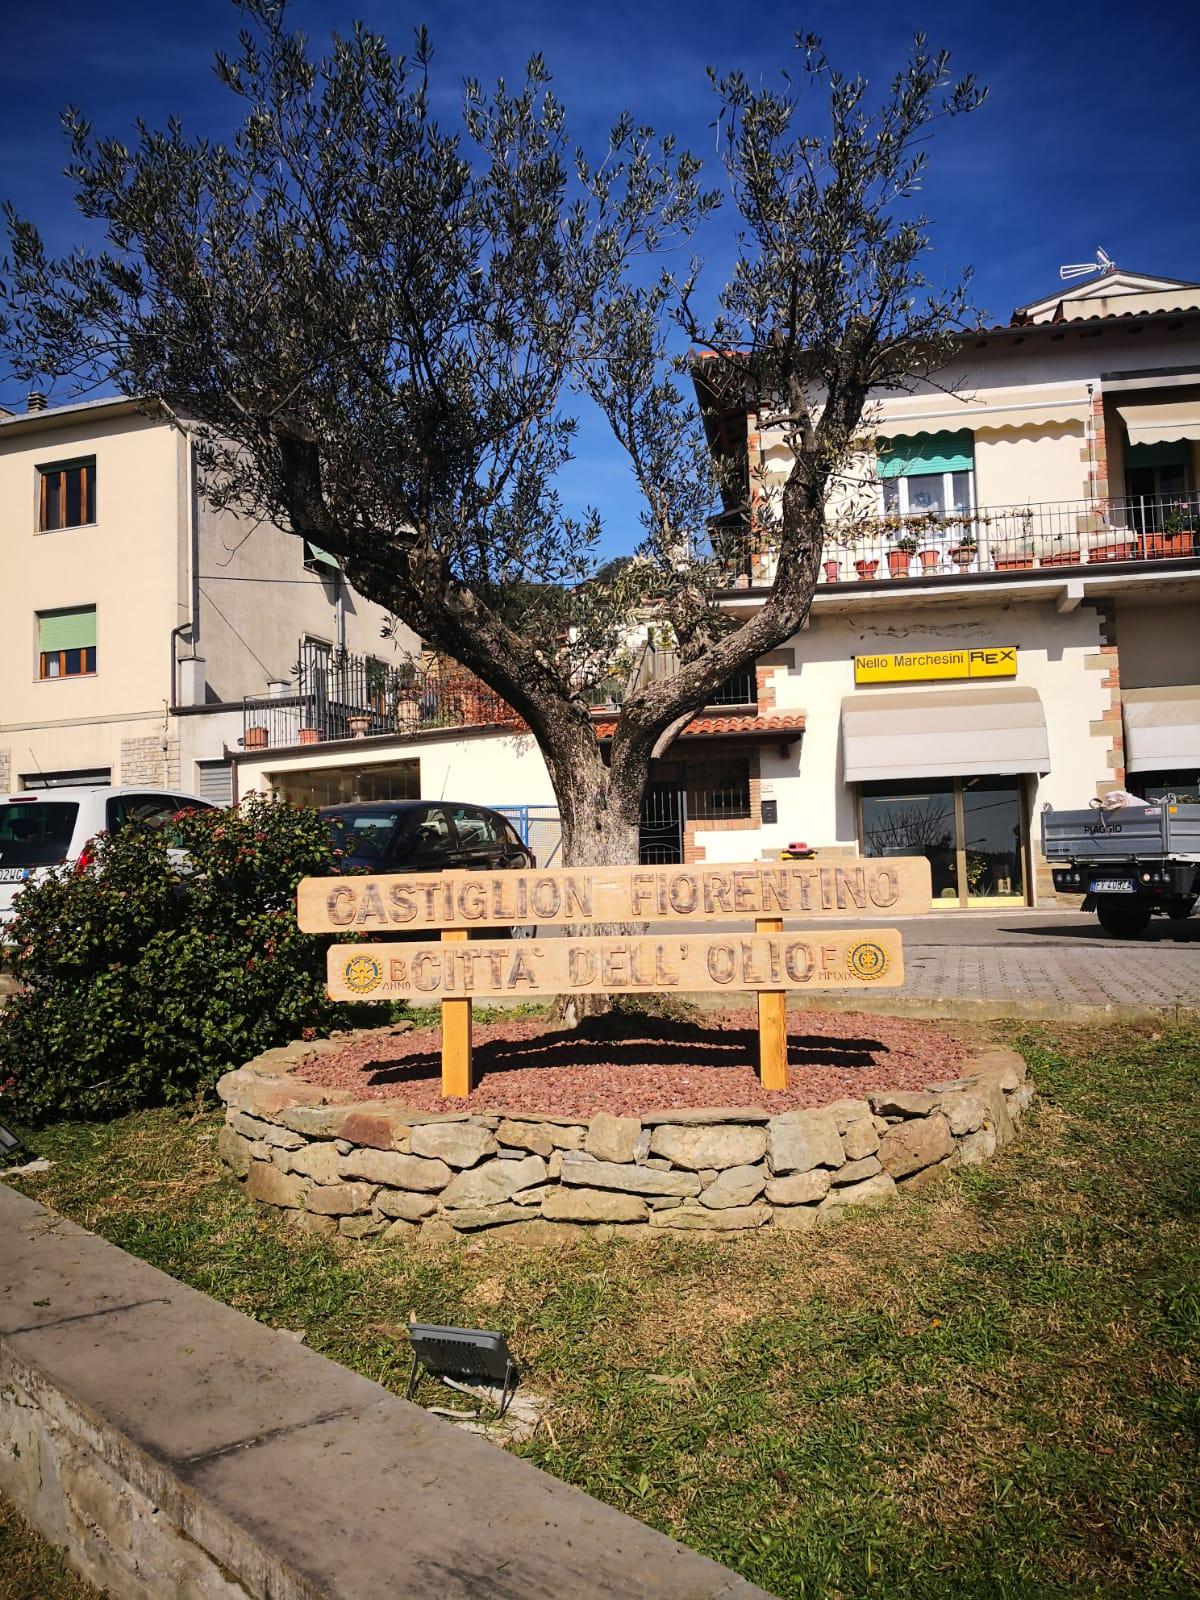 """""""Castiglion Fiorentino, Città dell'olio"""".   Un cartello stradale sancisce la colloborazione con l'Associazione Nazionale"""